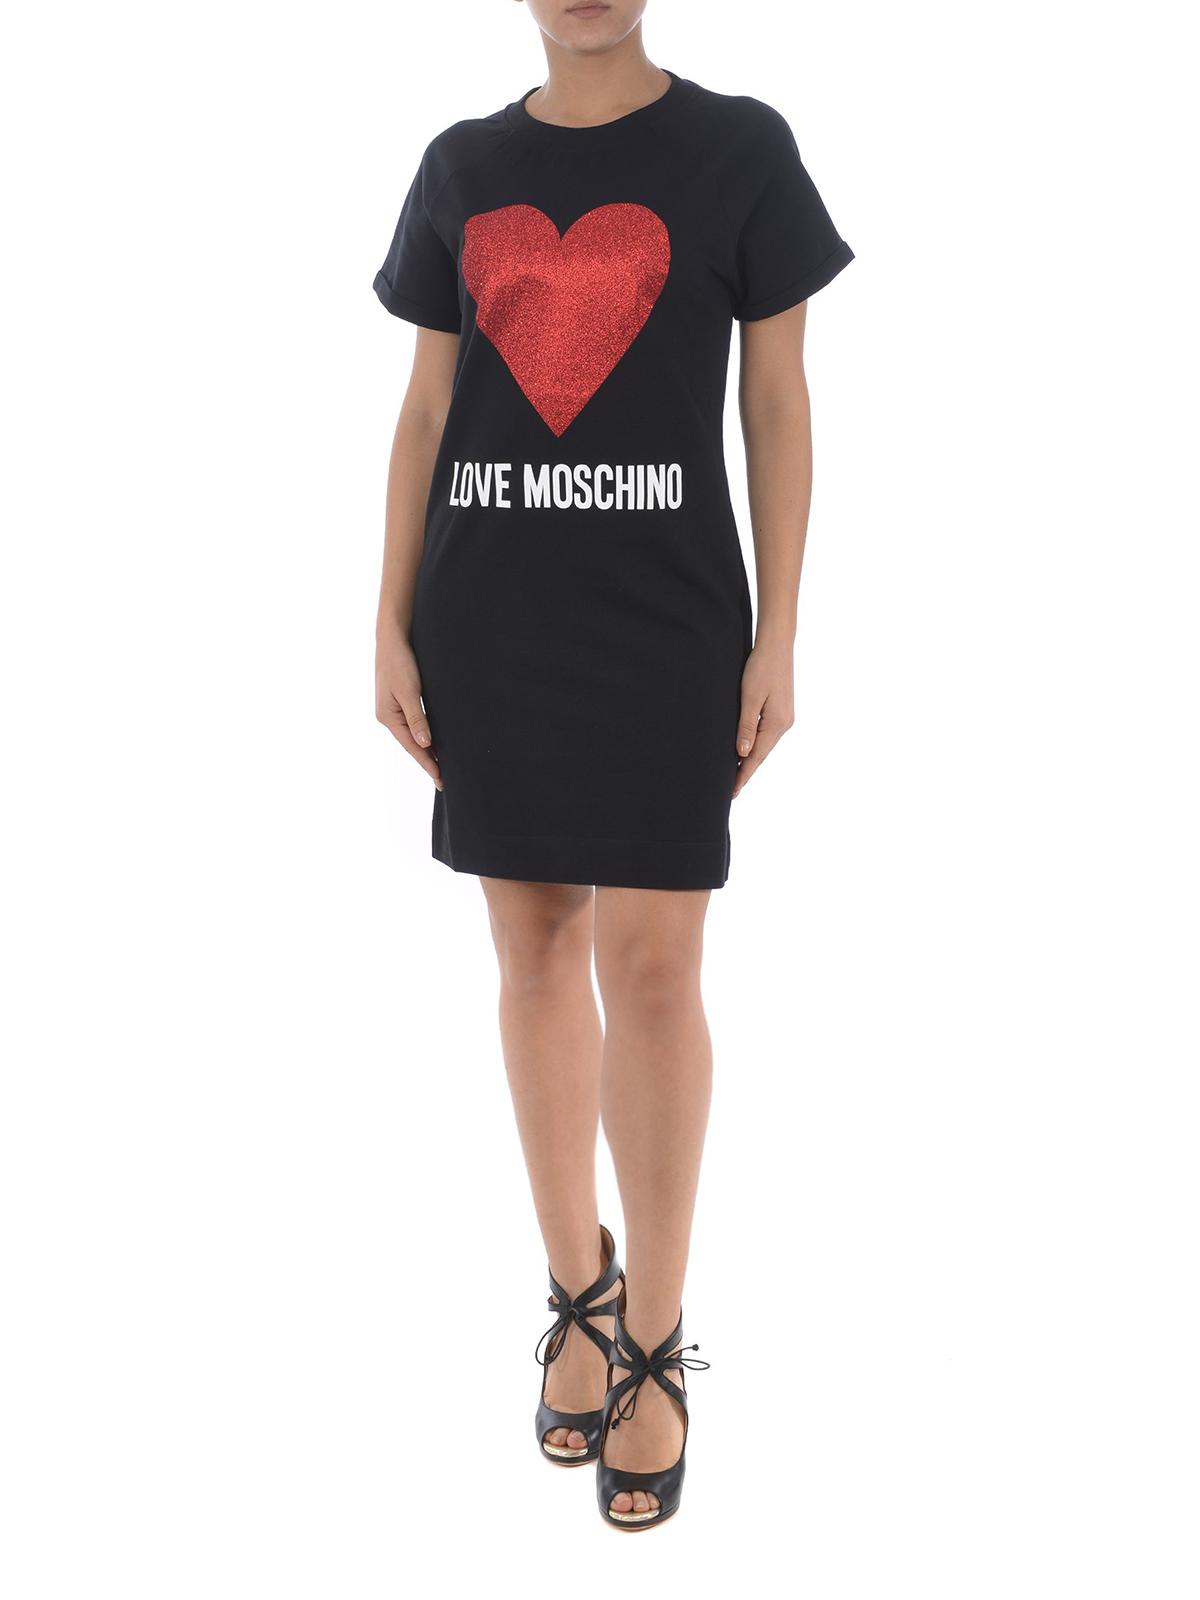 da63e97e8298 LOVE MOSCHINO  abiti corti online - Abito T-shirt nero con cuore in glitter